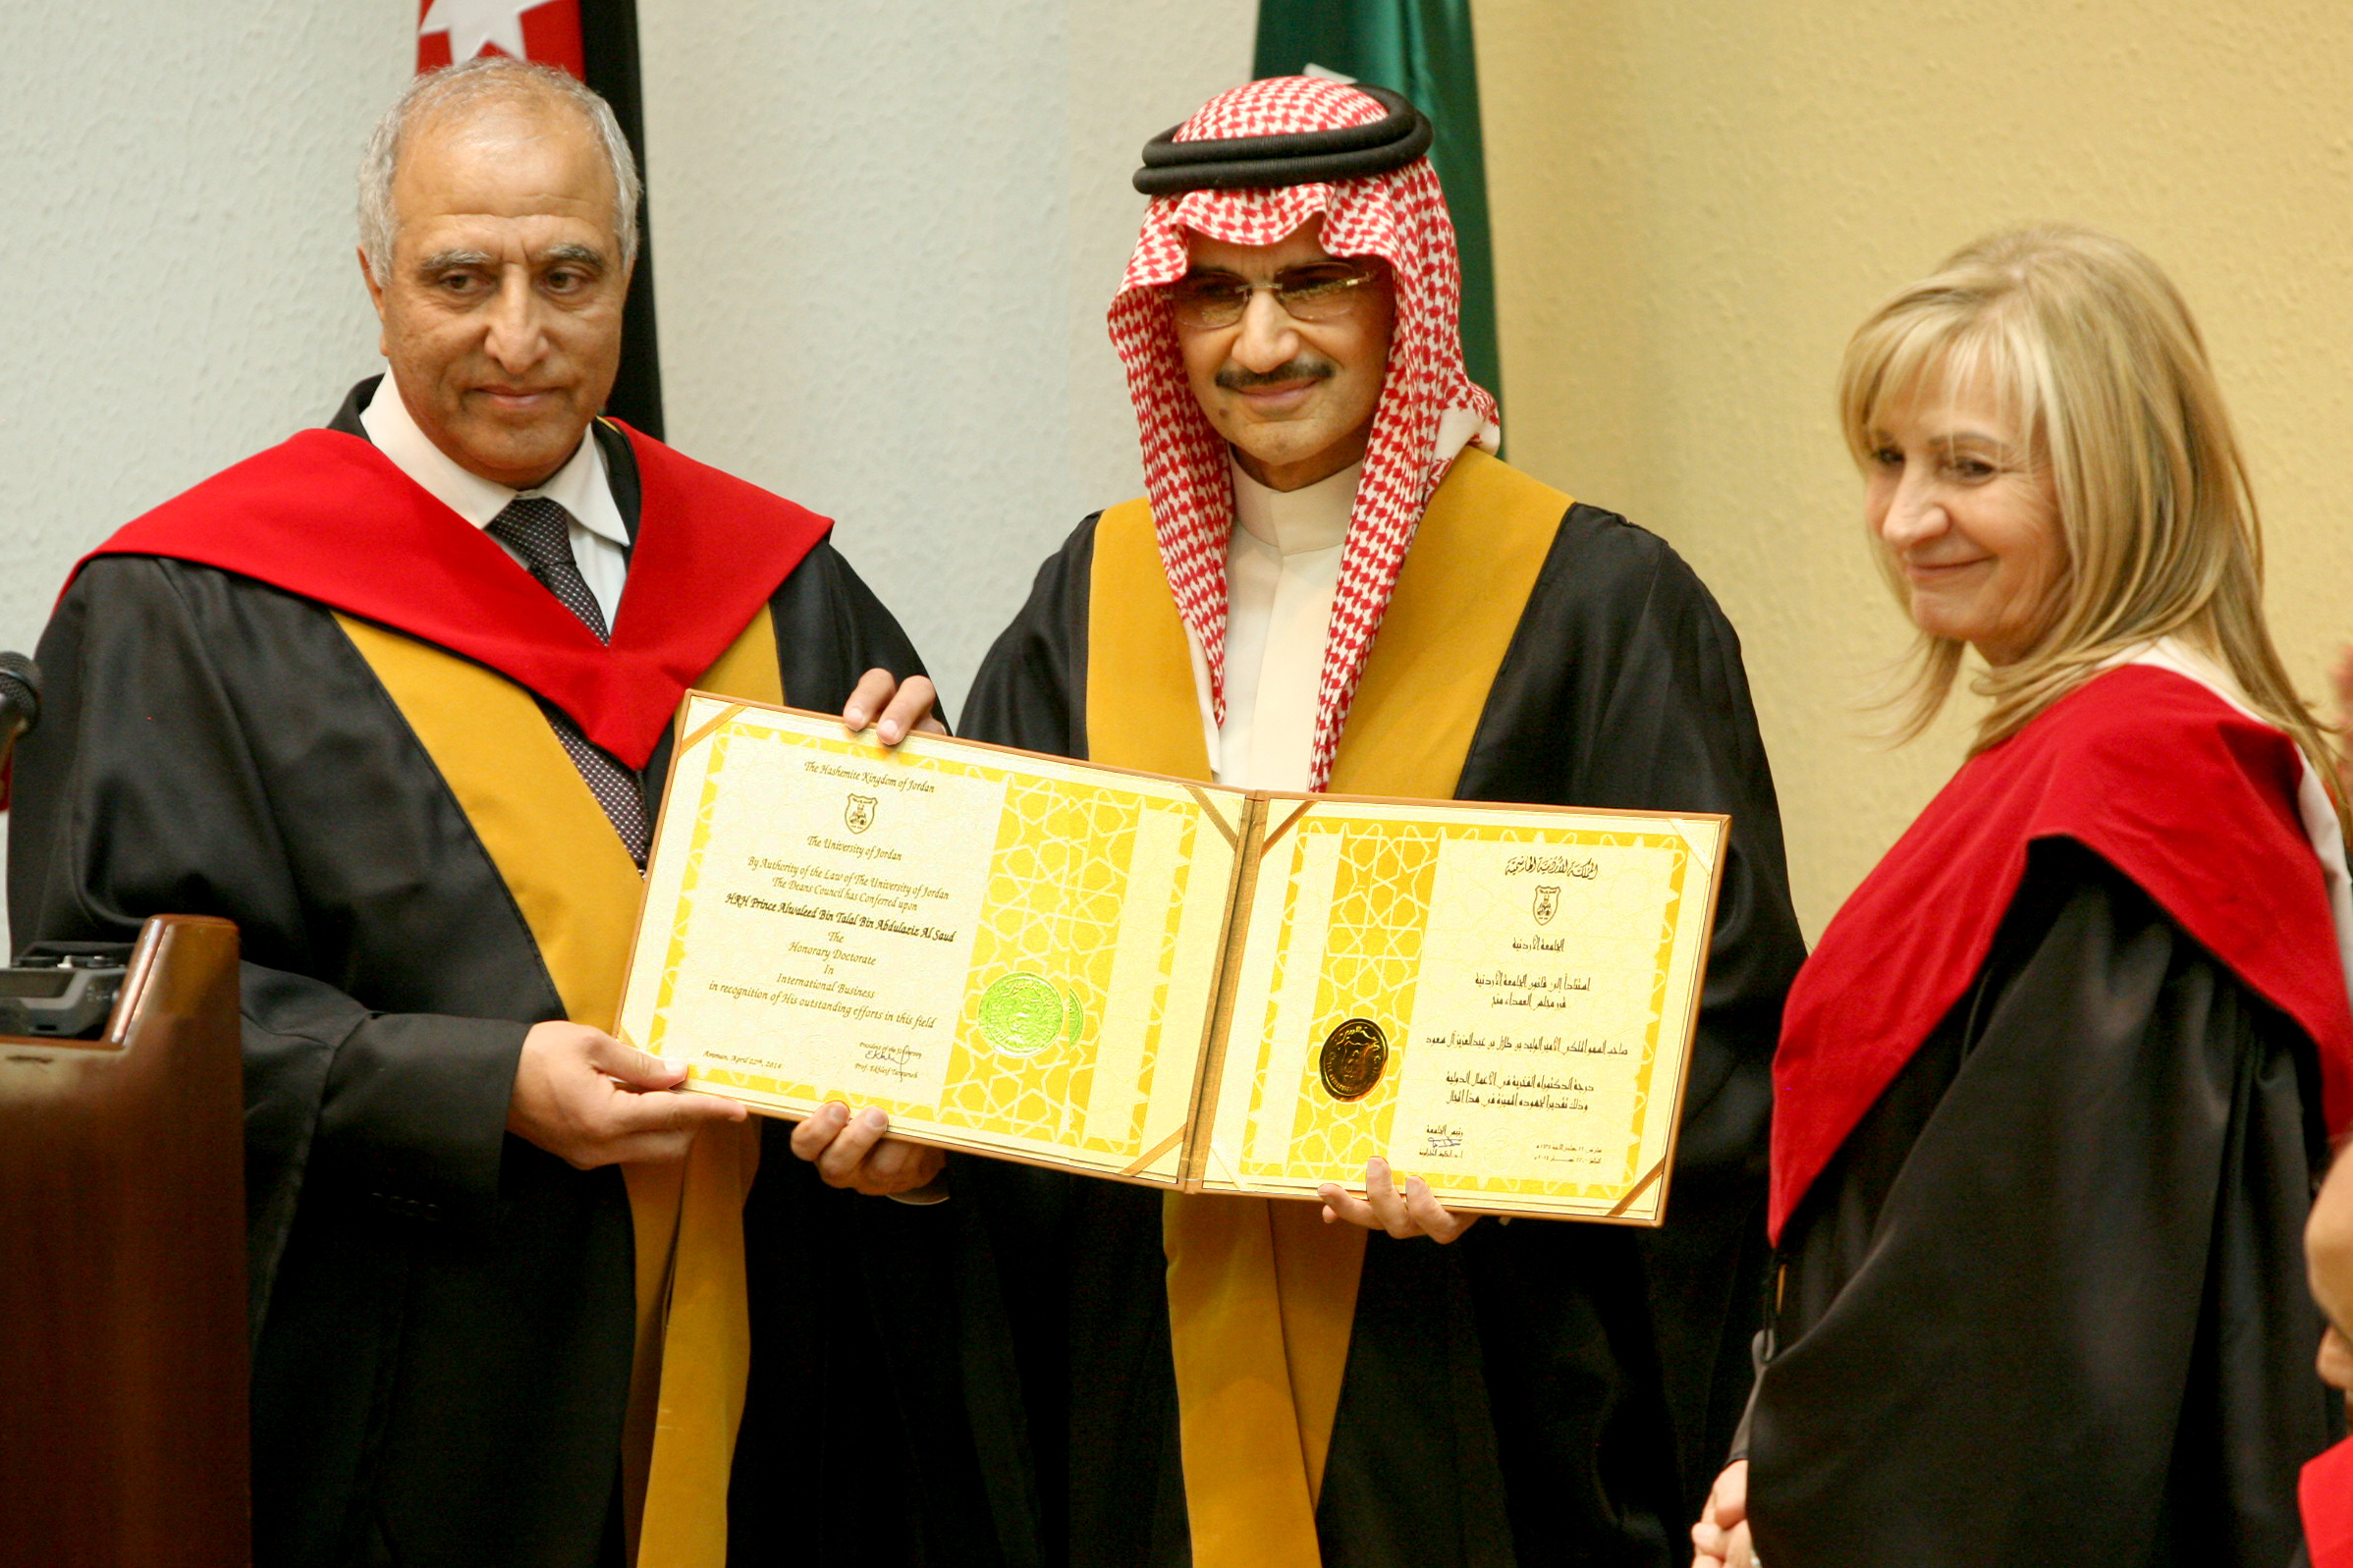 بالصور ماهي الدكتوراه الفخرية والحاصلون عليها 0364f0c96b2f2a54918c35cb487e3fbd